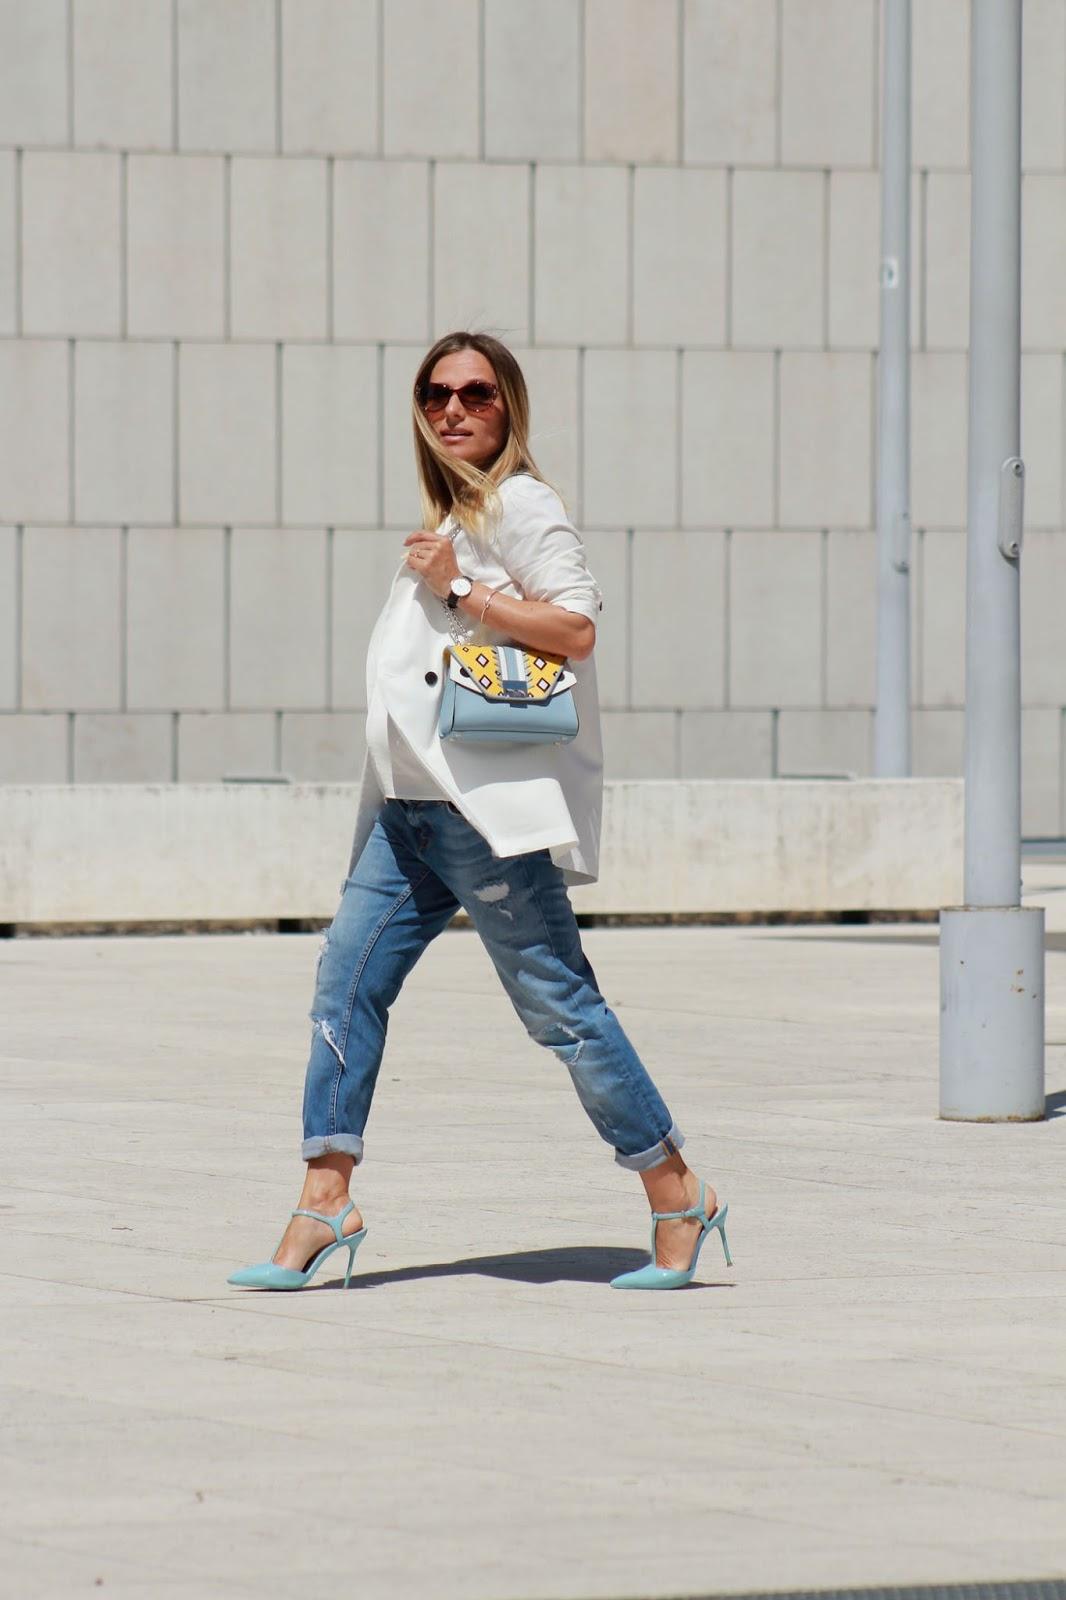 Come indossare un blazer - Eniwhere Fashion